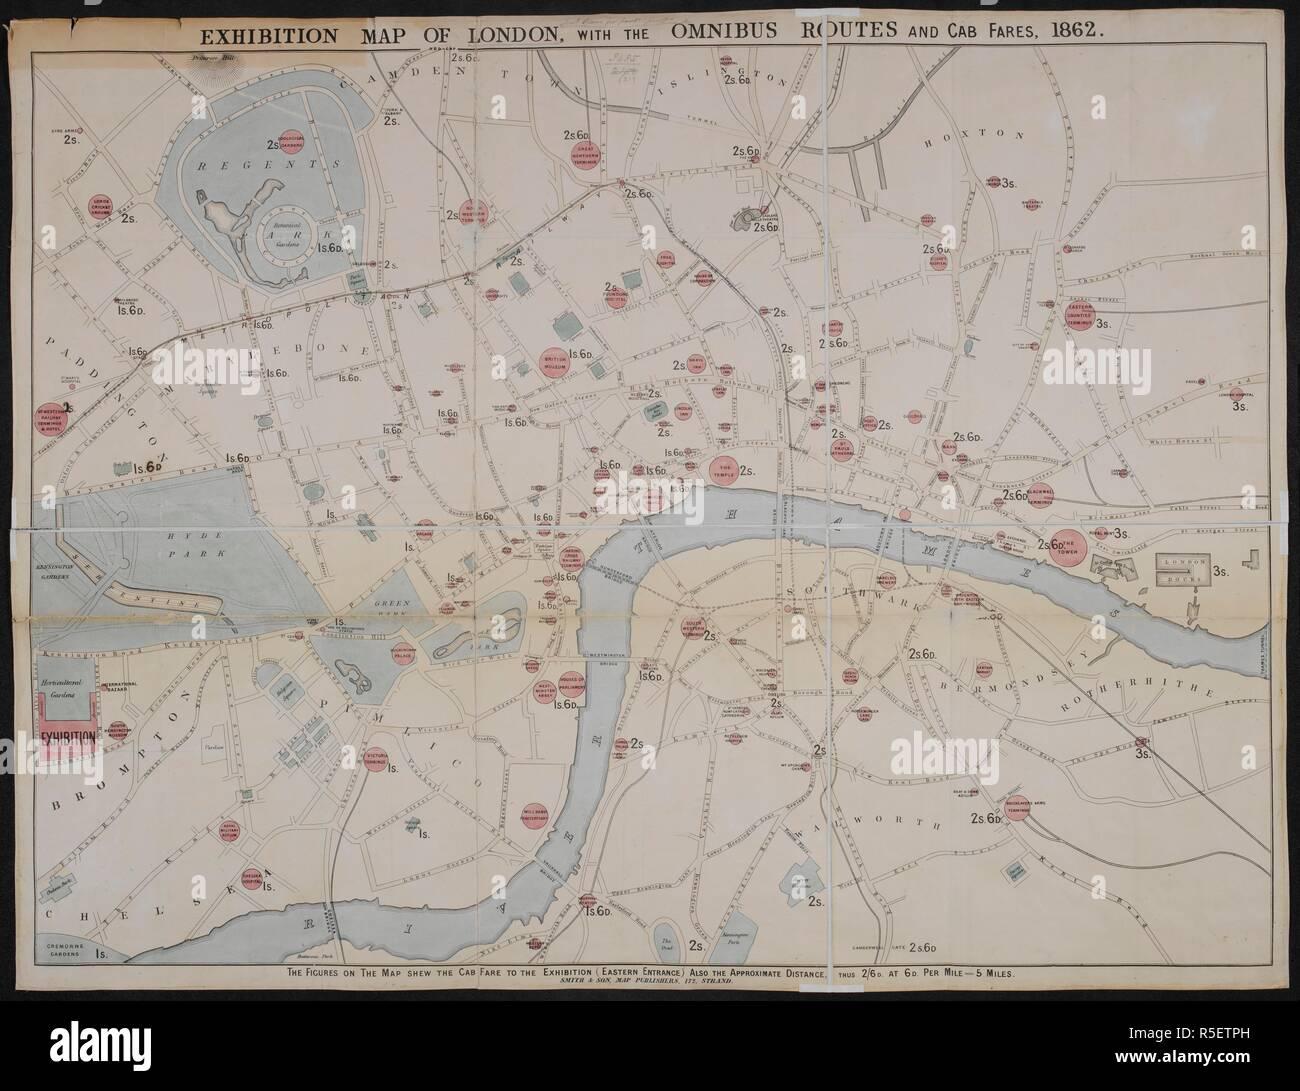 Karte London.Ausstellung Karte Von London Mit Dem Omnibus Routen Und Cab Tarife